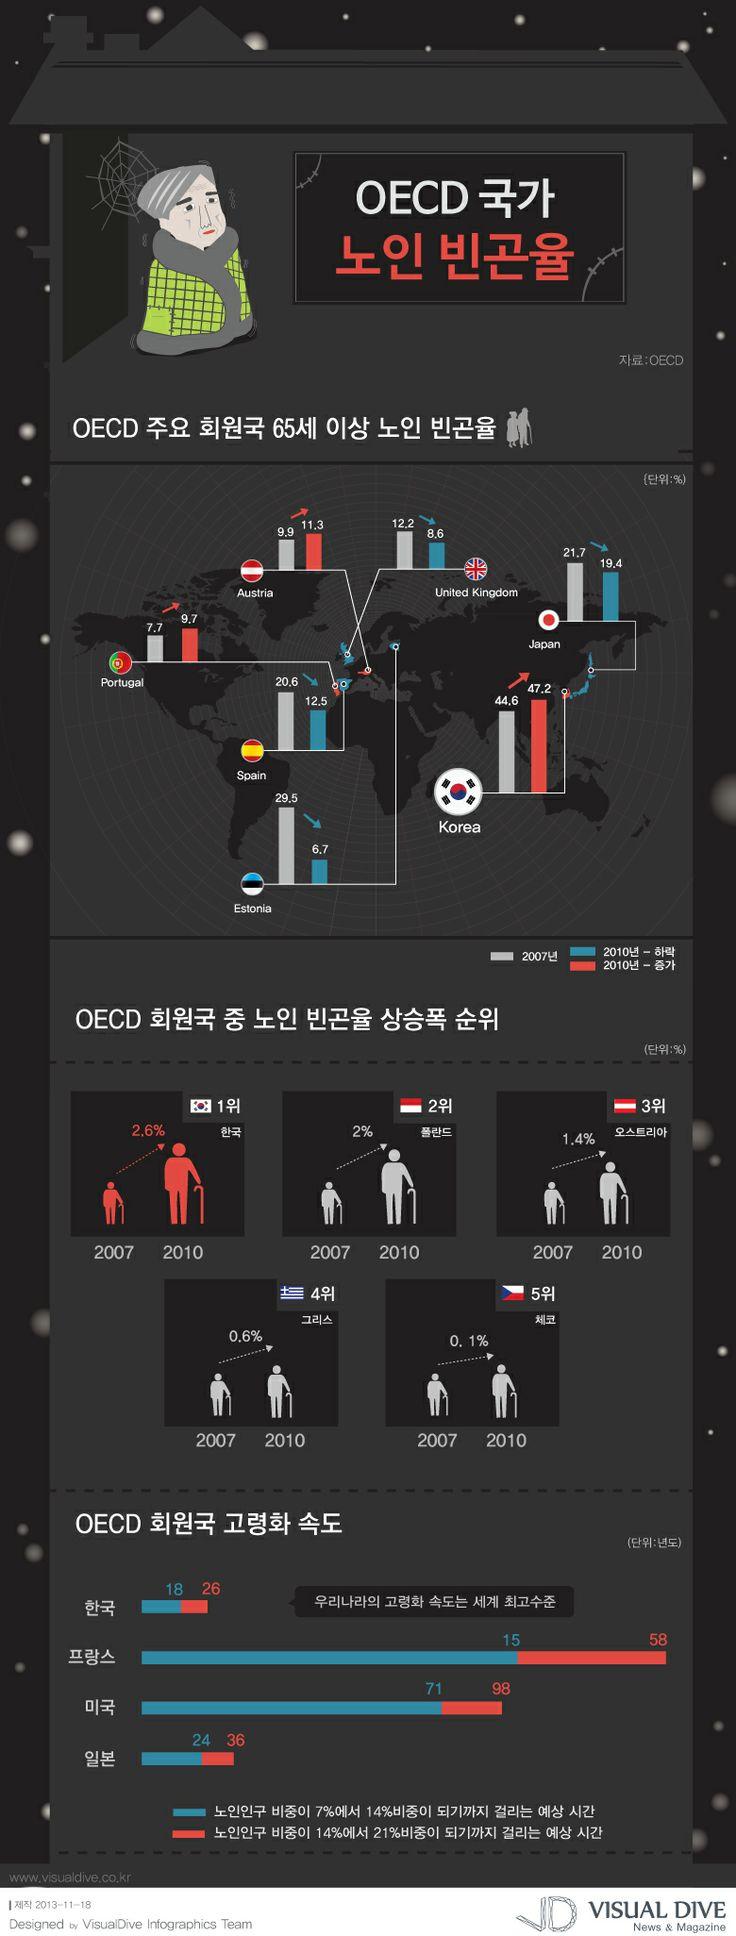 """[인포그래픽] 노인 빈곤률 OECD 국가 중 1위, 절실한 노인복지 #senior / #Infographic"""" ⓒ 비주얼다이브 무단 복사·전재·재배포 금지"""